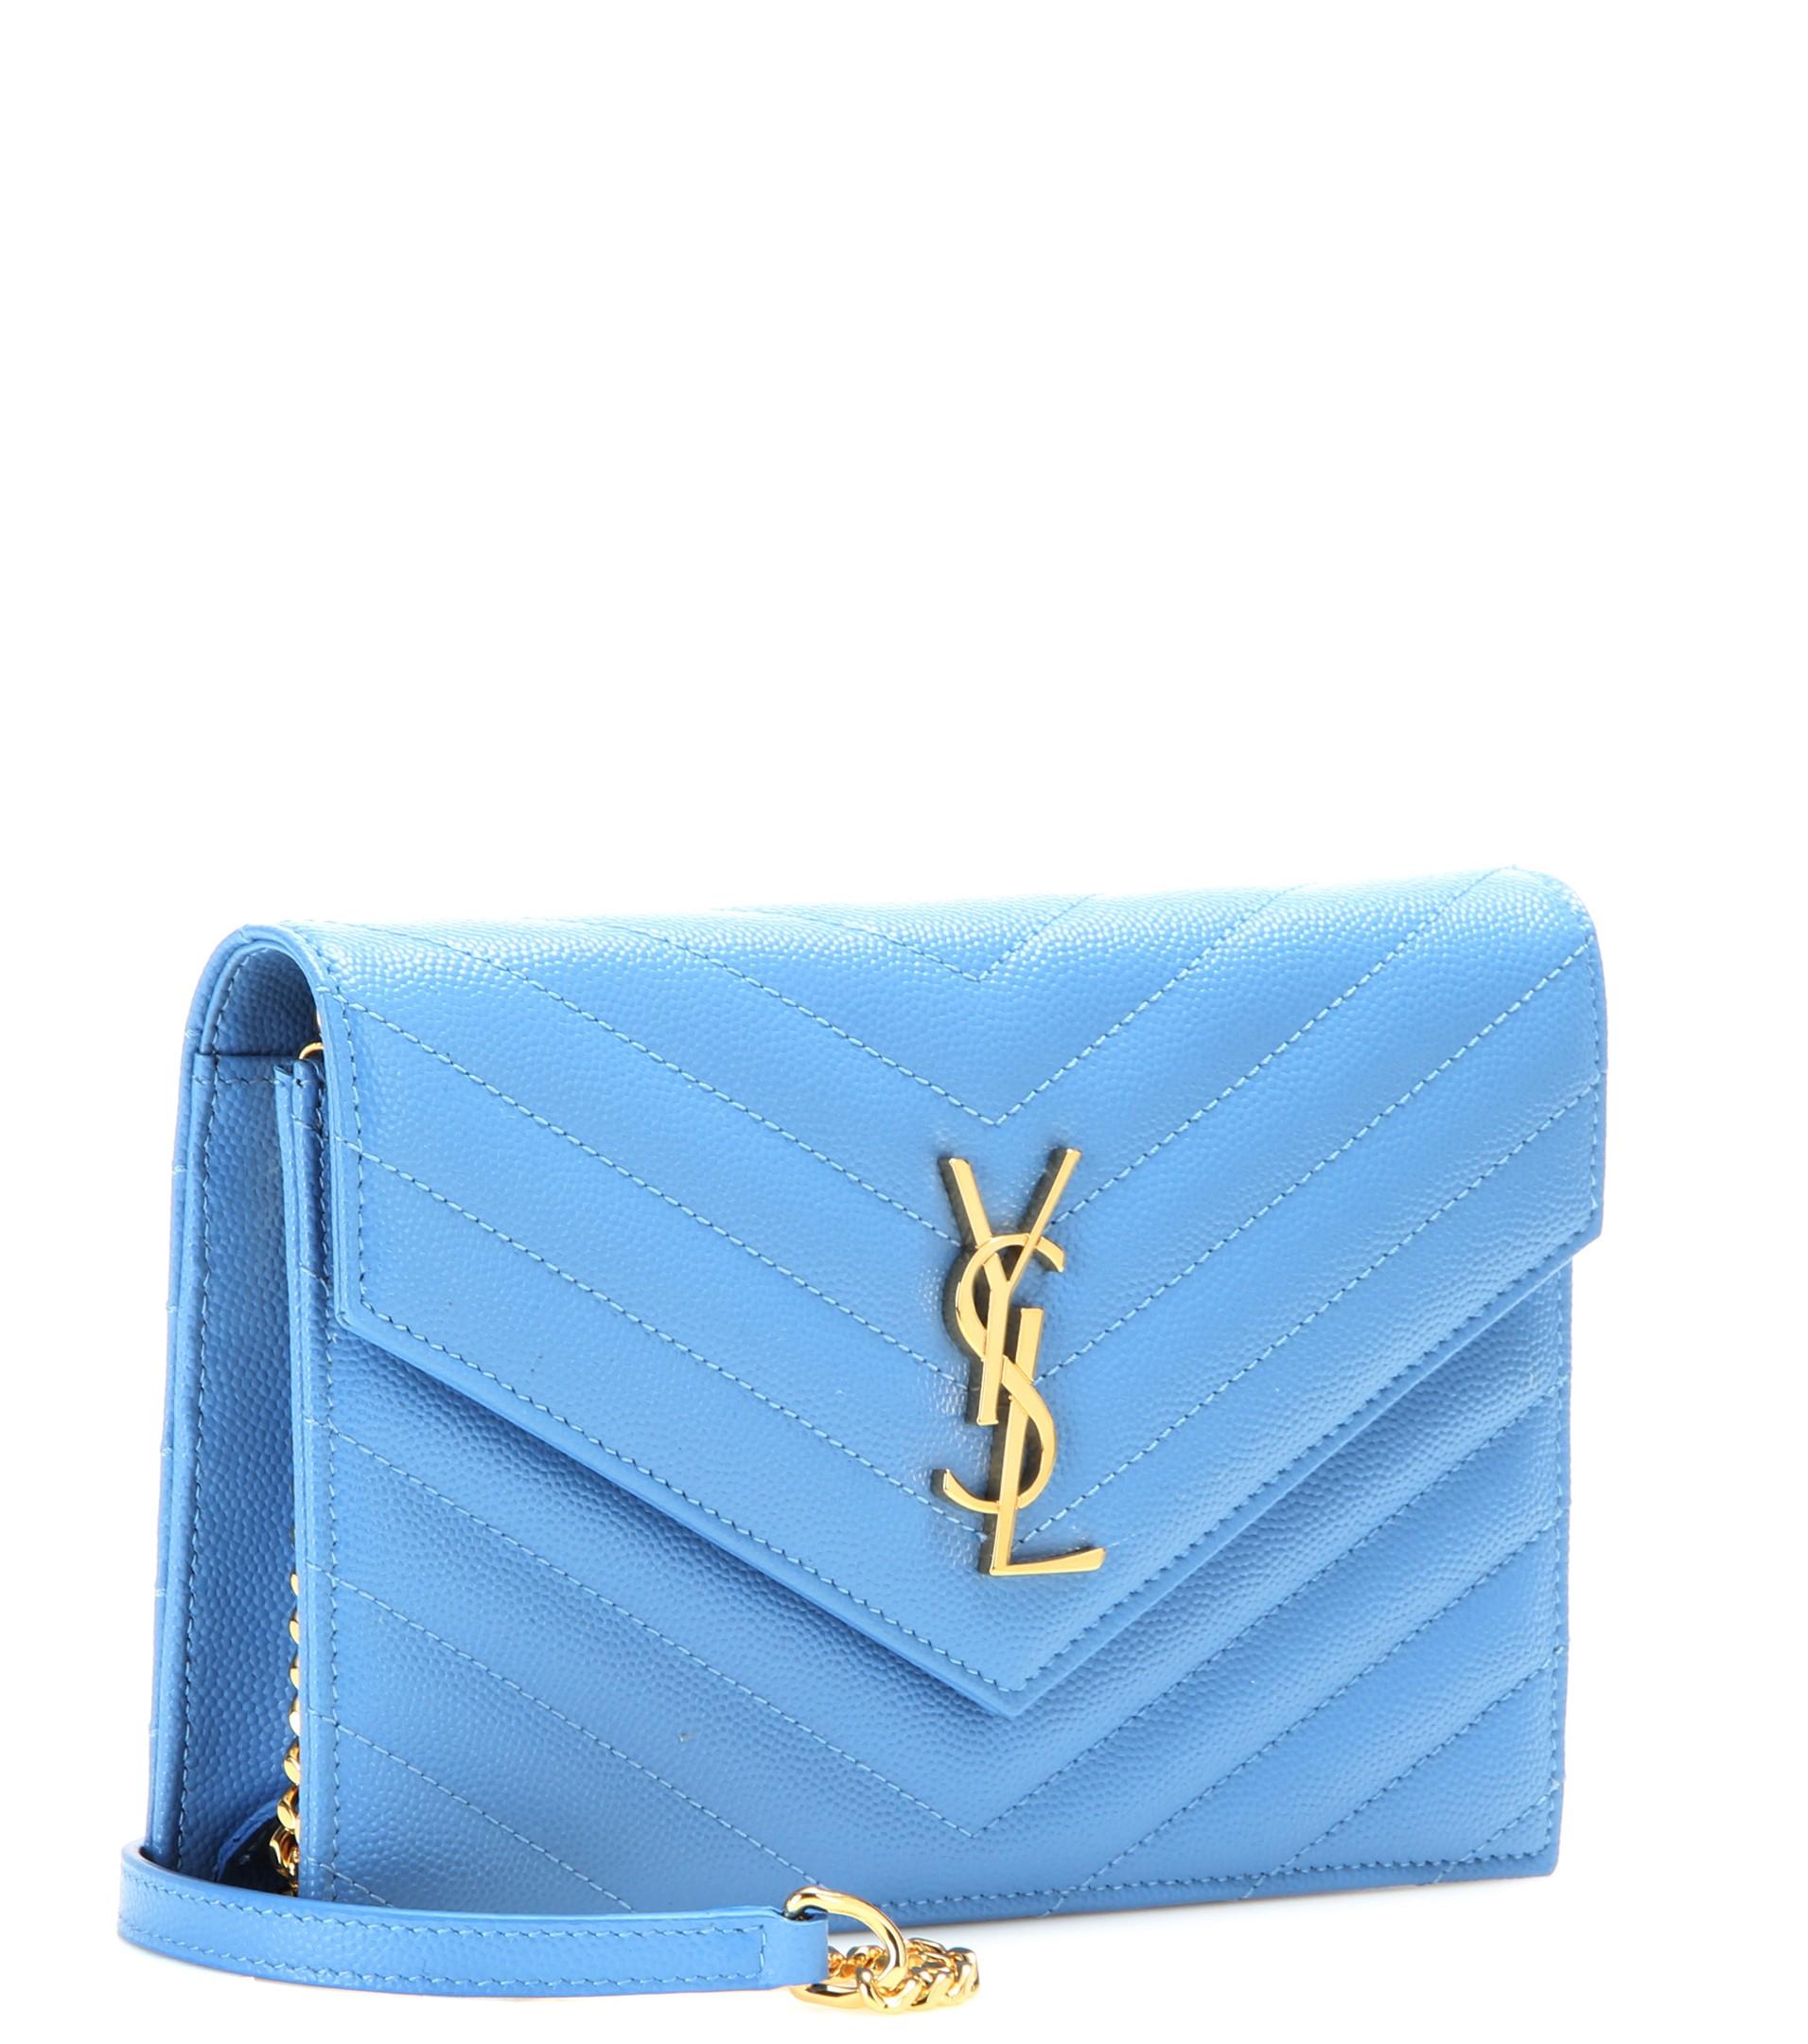 yves saint laurent clutch with chain - saint laurent monogram saint laurent blogger bag in sky blue leather